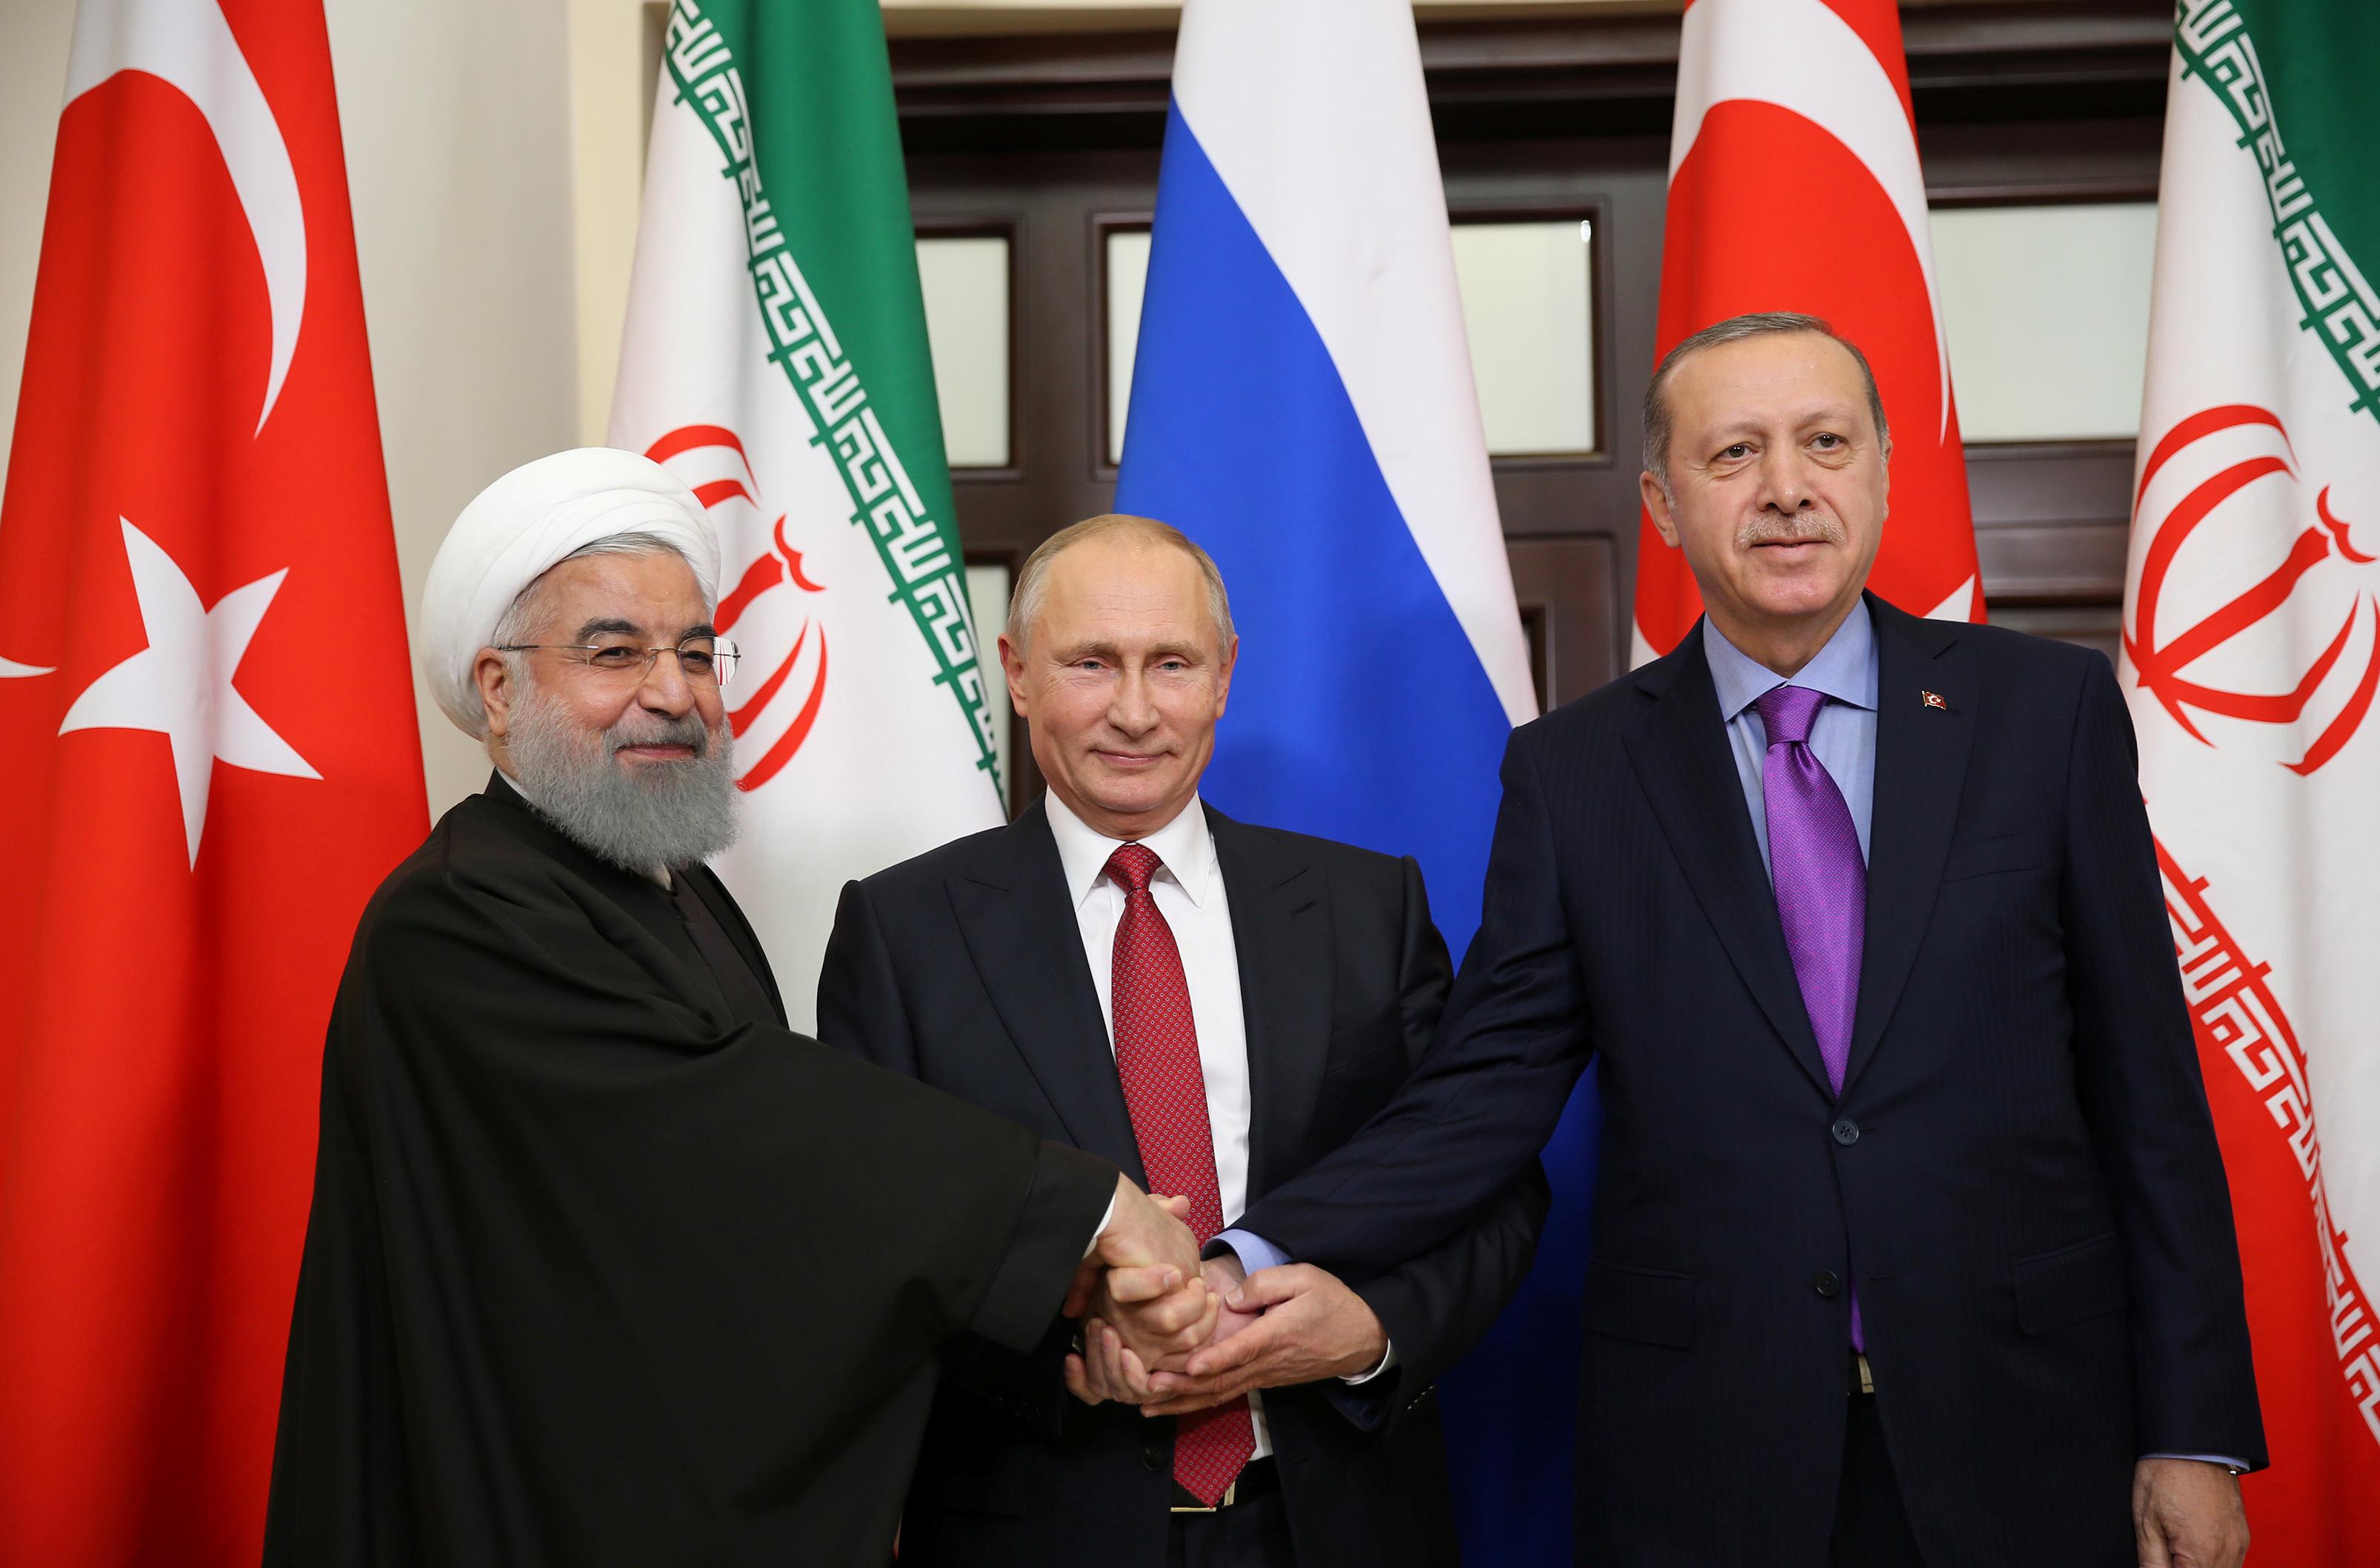 Իրանի, Թուրքիայի և Ռուսաստանի նախագահները կհանդիպեն